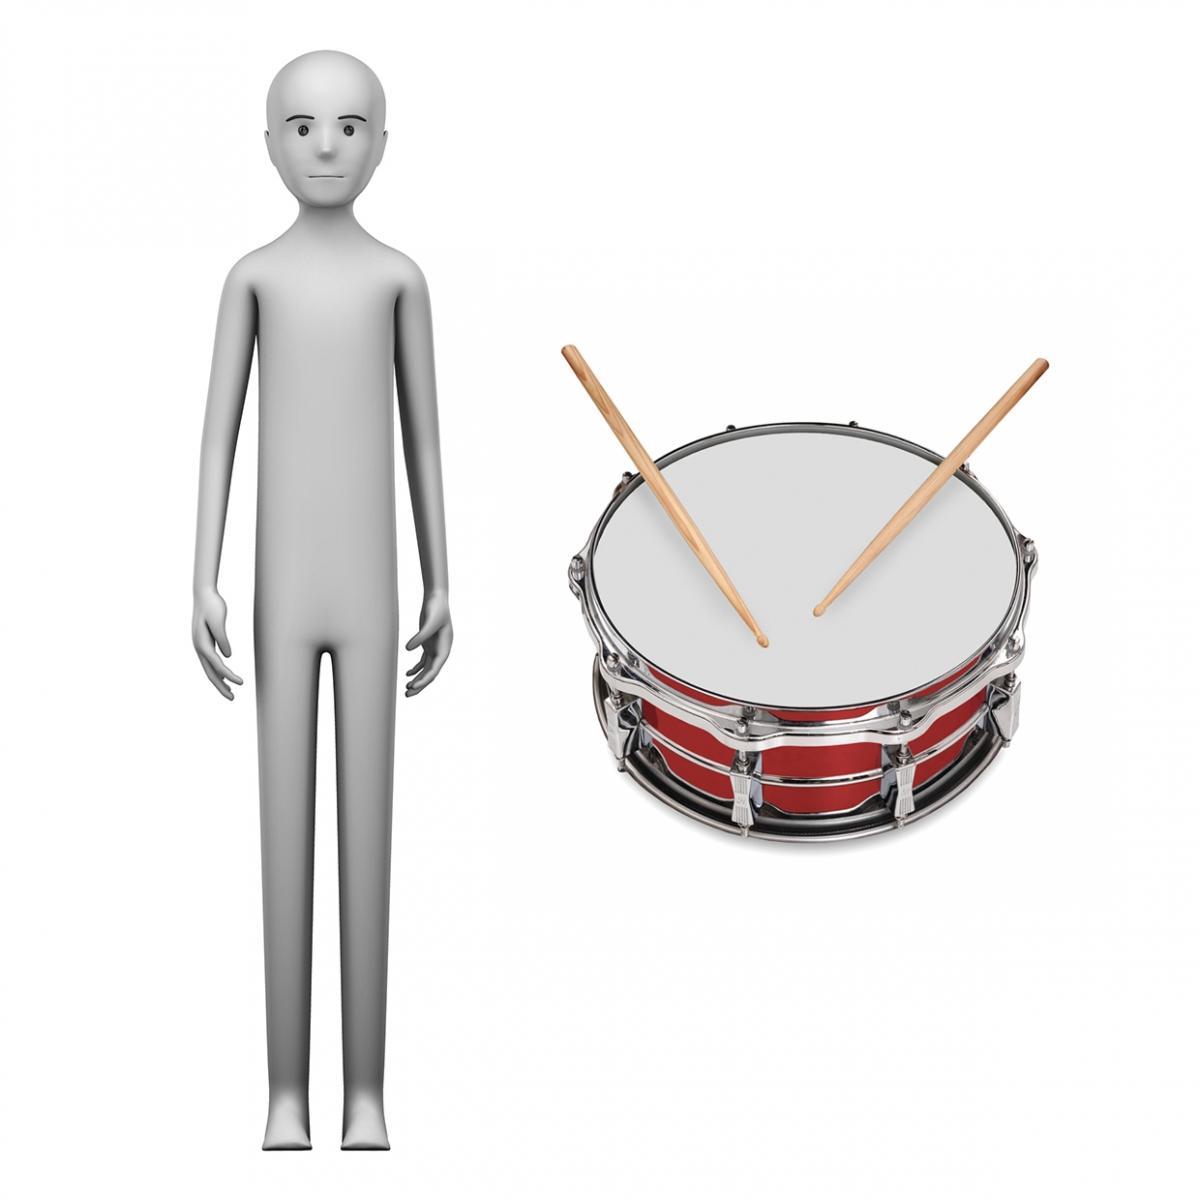 Imagen en la que se ve el concepto de tamborilero o tamborilera